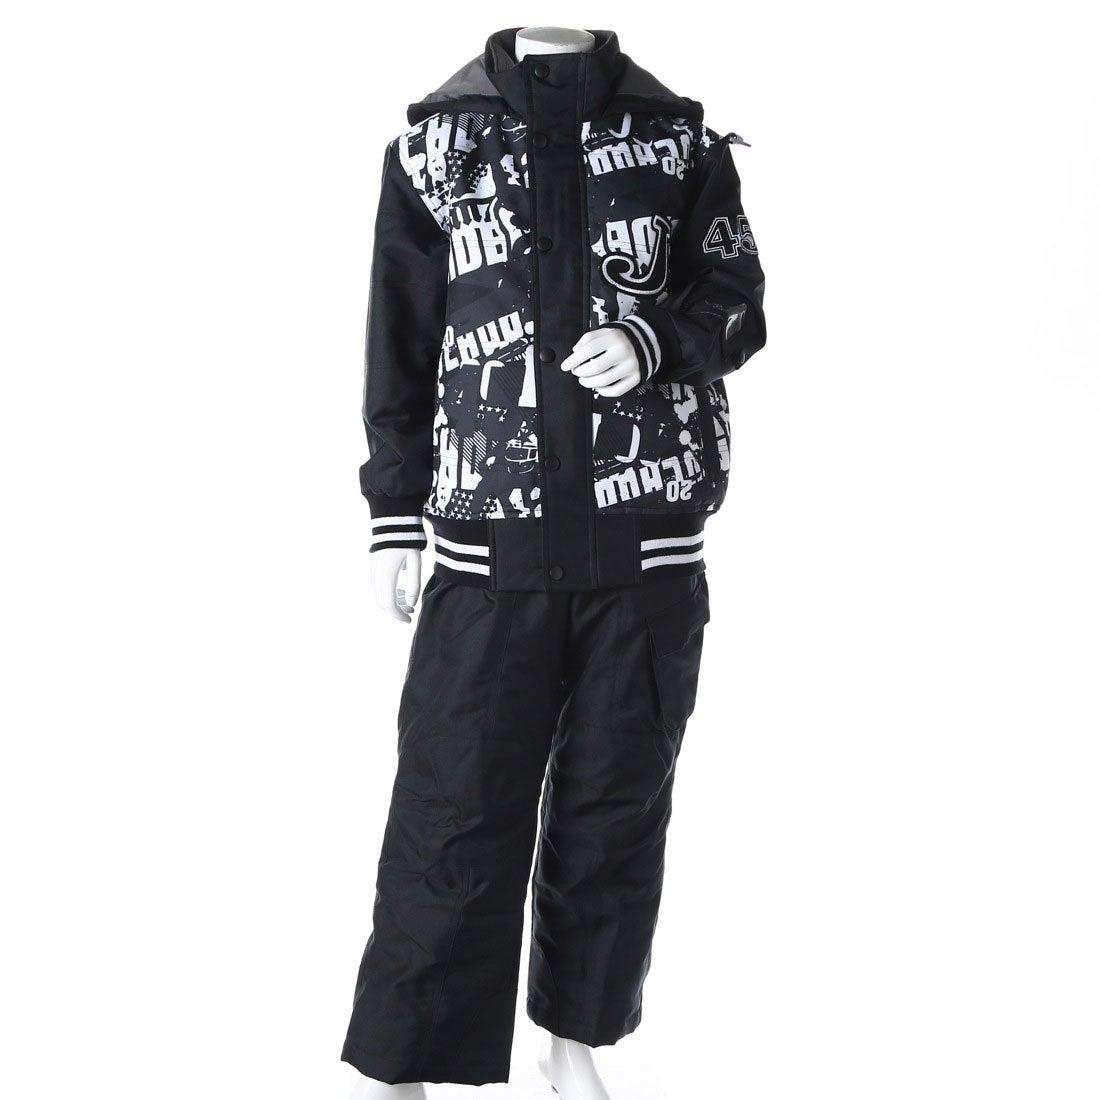 ロコンド 靴とファッションの通販サイトジョイライドJOYRIDEジュニアスキーウェア上下セットボーイズスキーウェアーJOB-3301